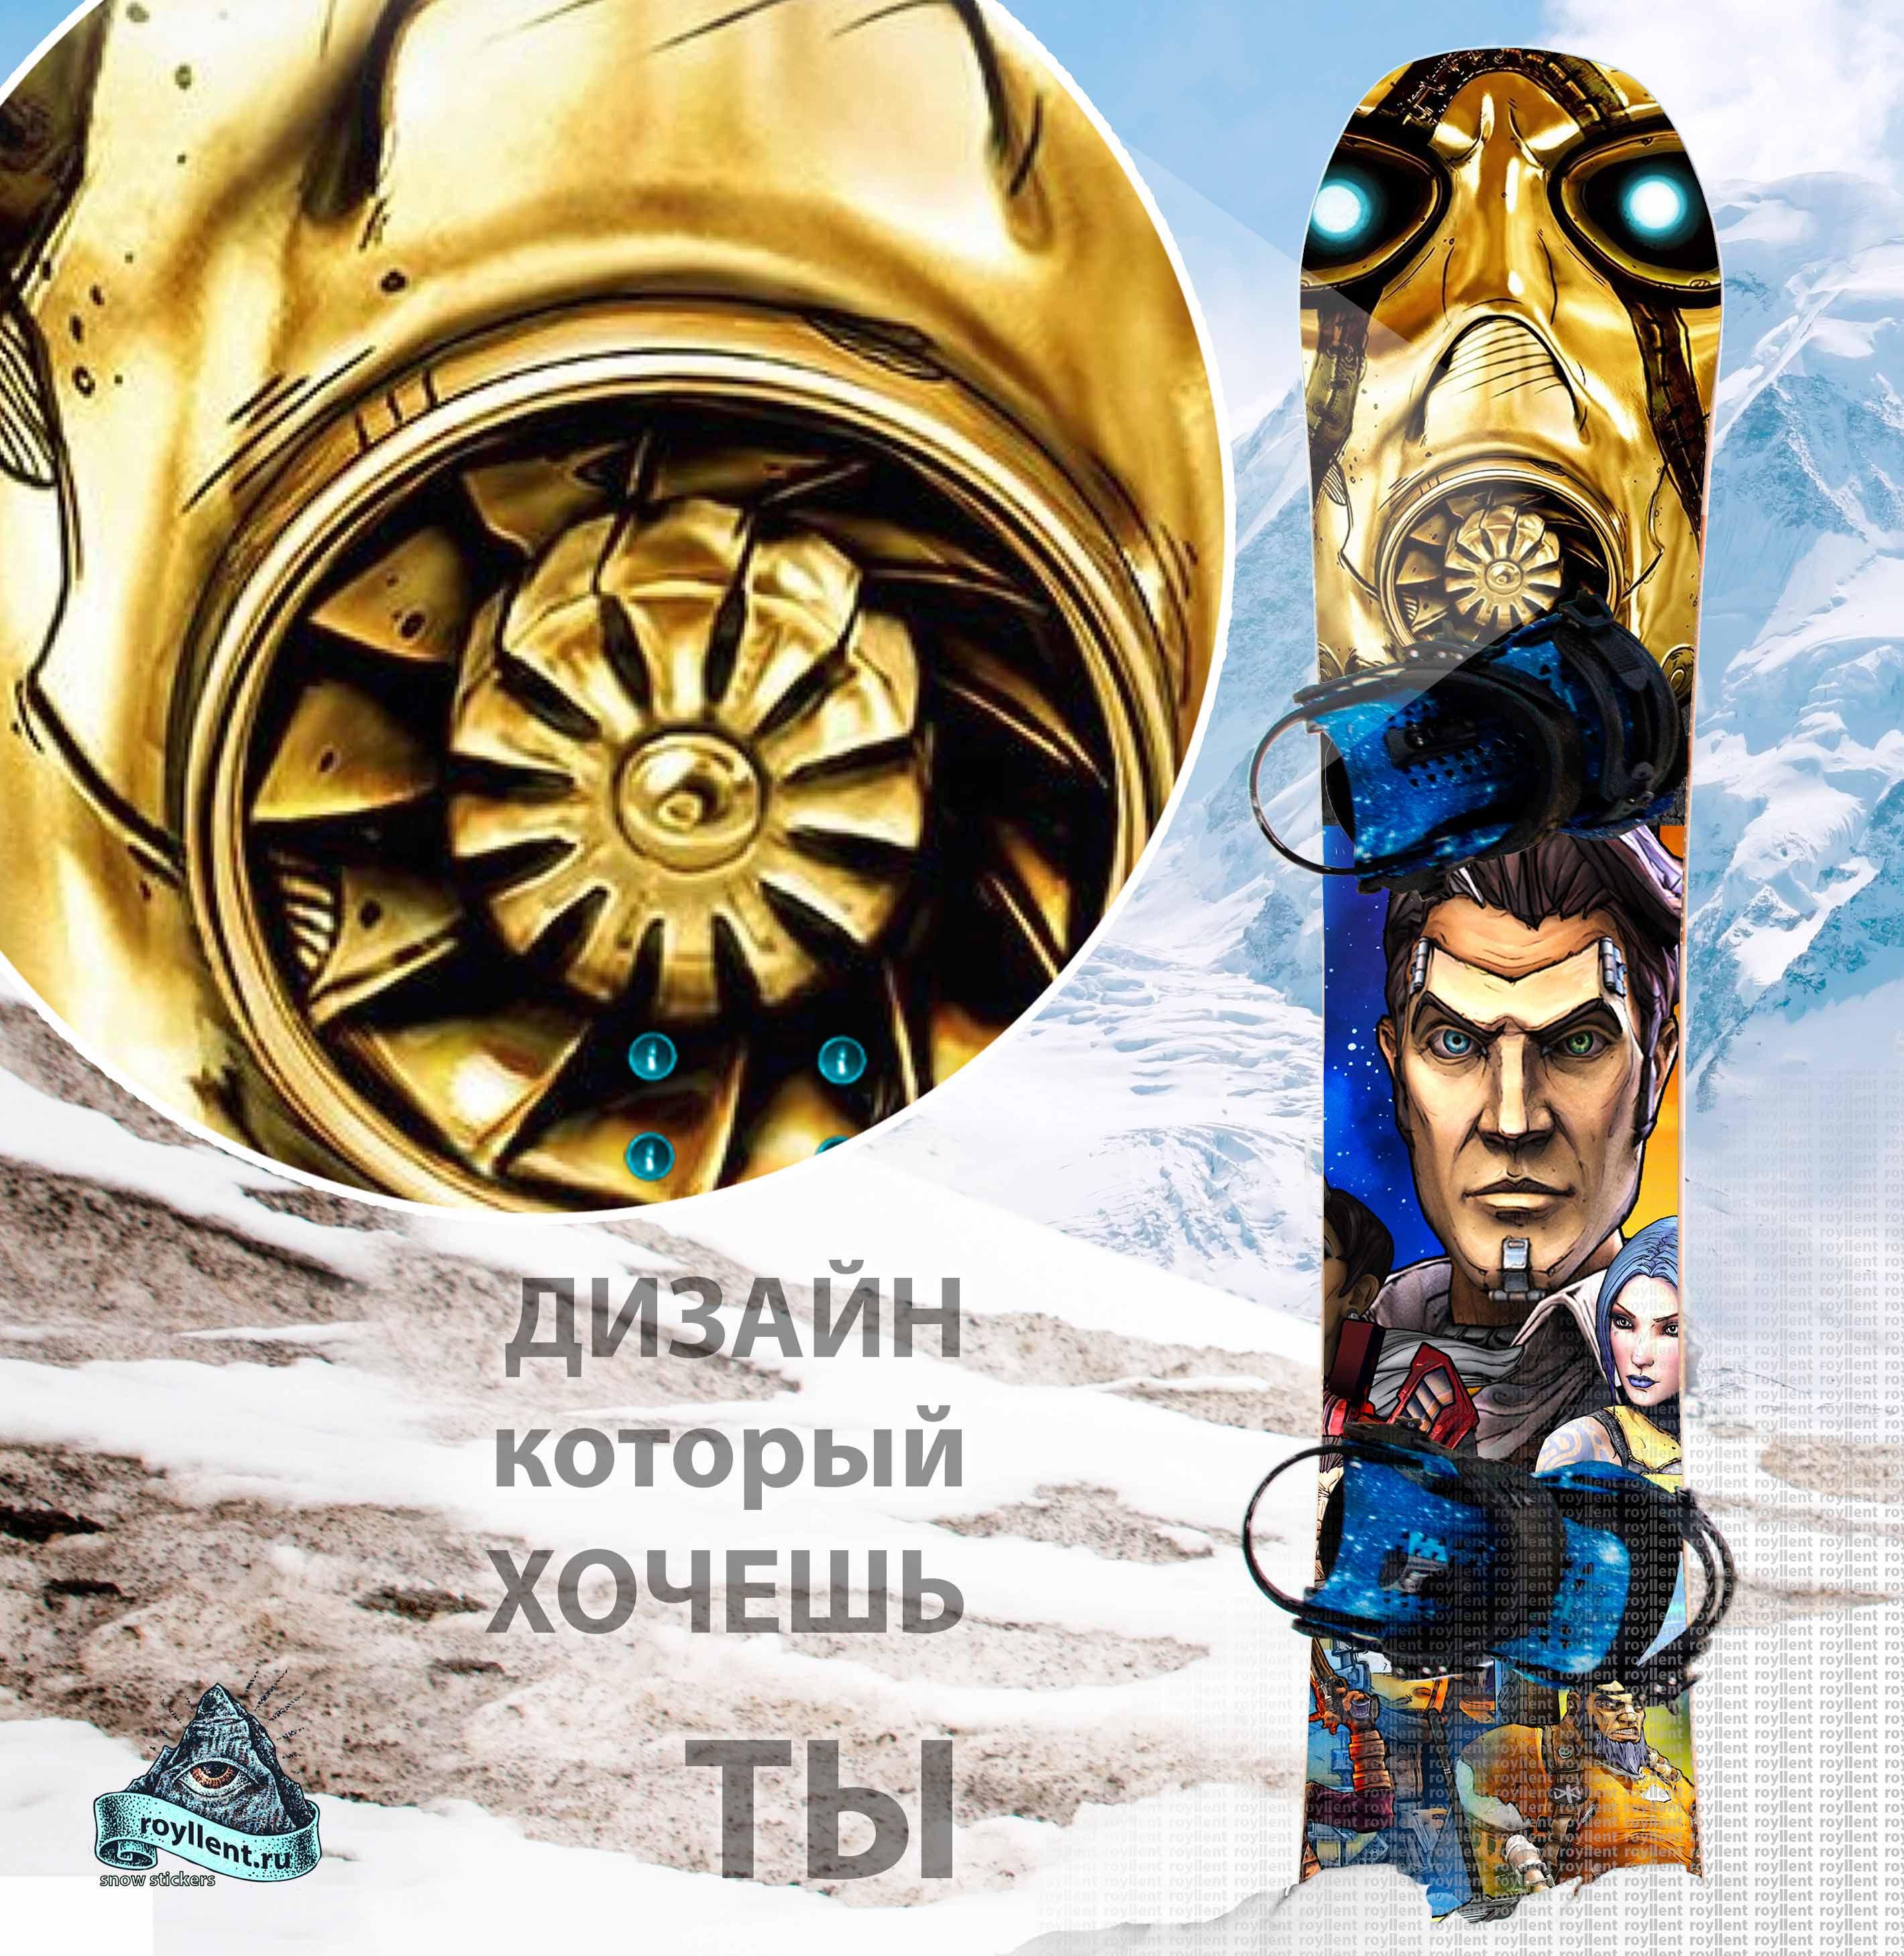 Самый крупный магазин по продаже сноуборд наклеек Стиль Borderlands